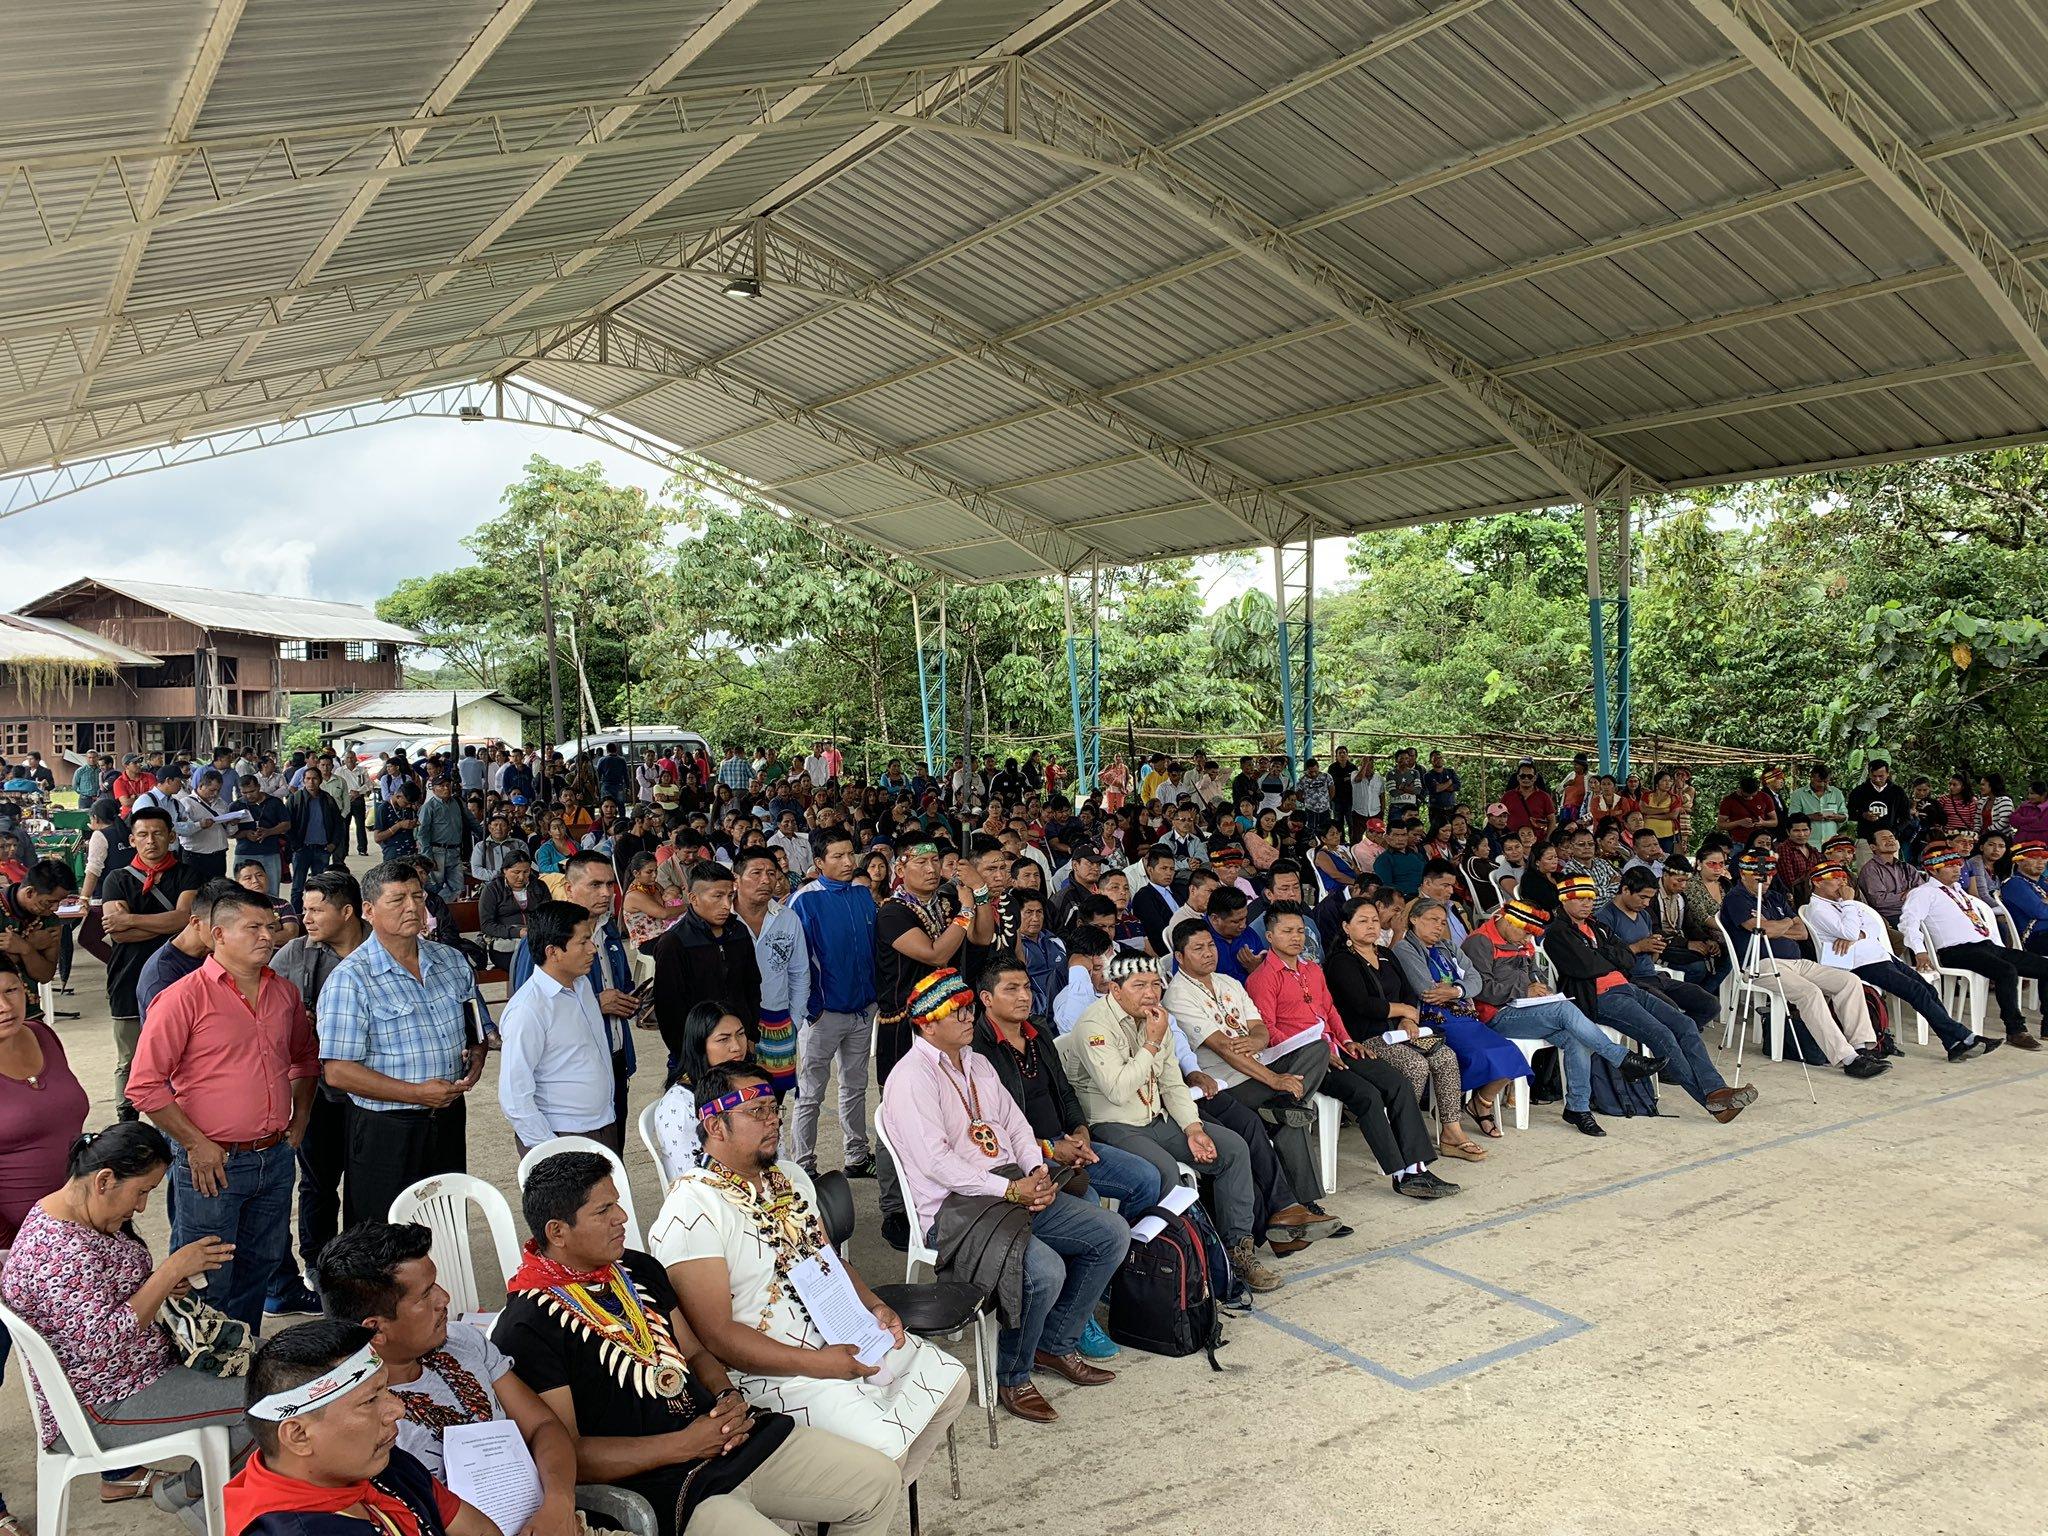 El movimiento indígena rechaza lo que consideran intentos de división por parte del Gobierno de Lenín Moreno.